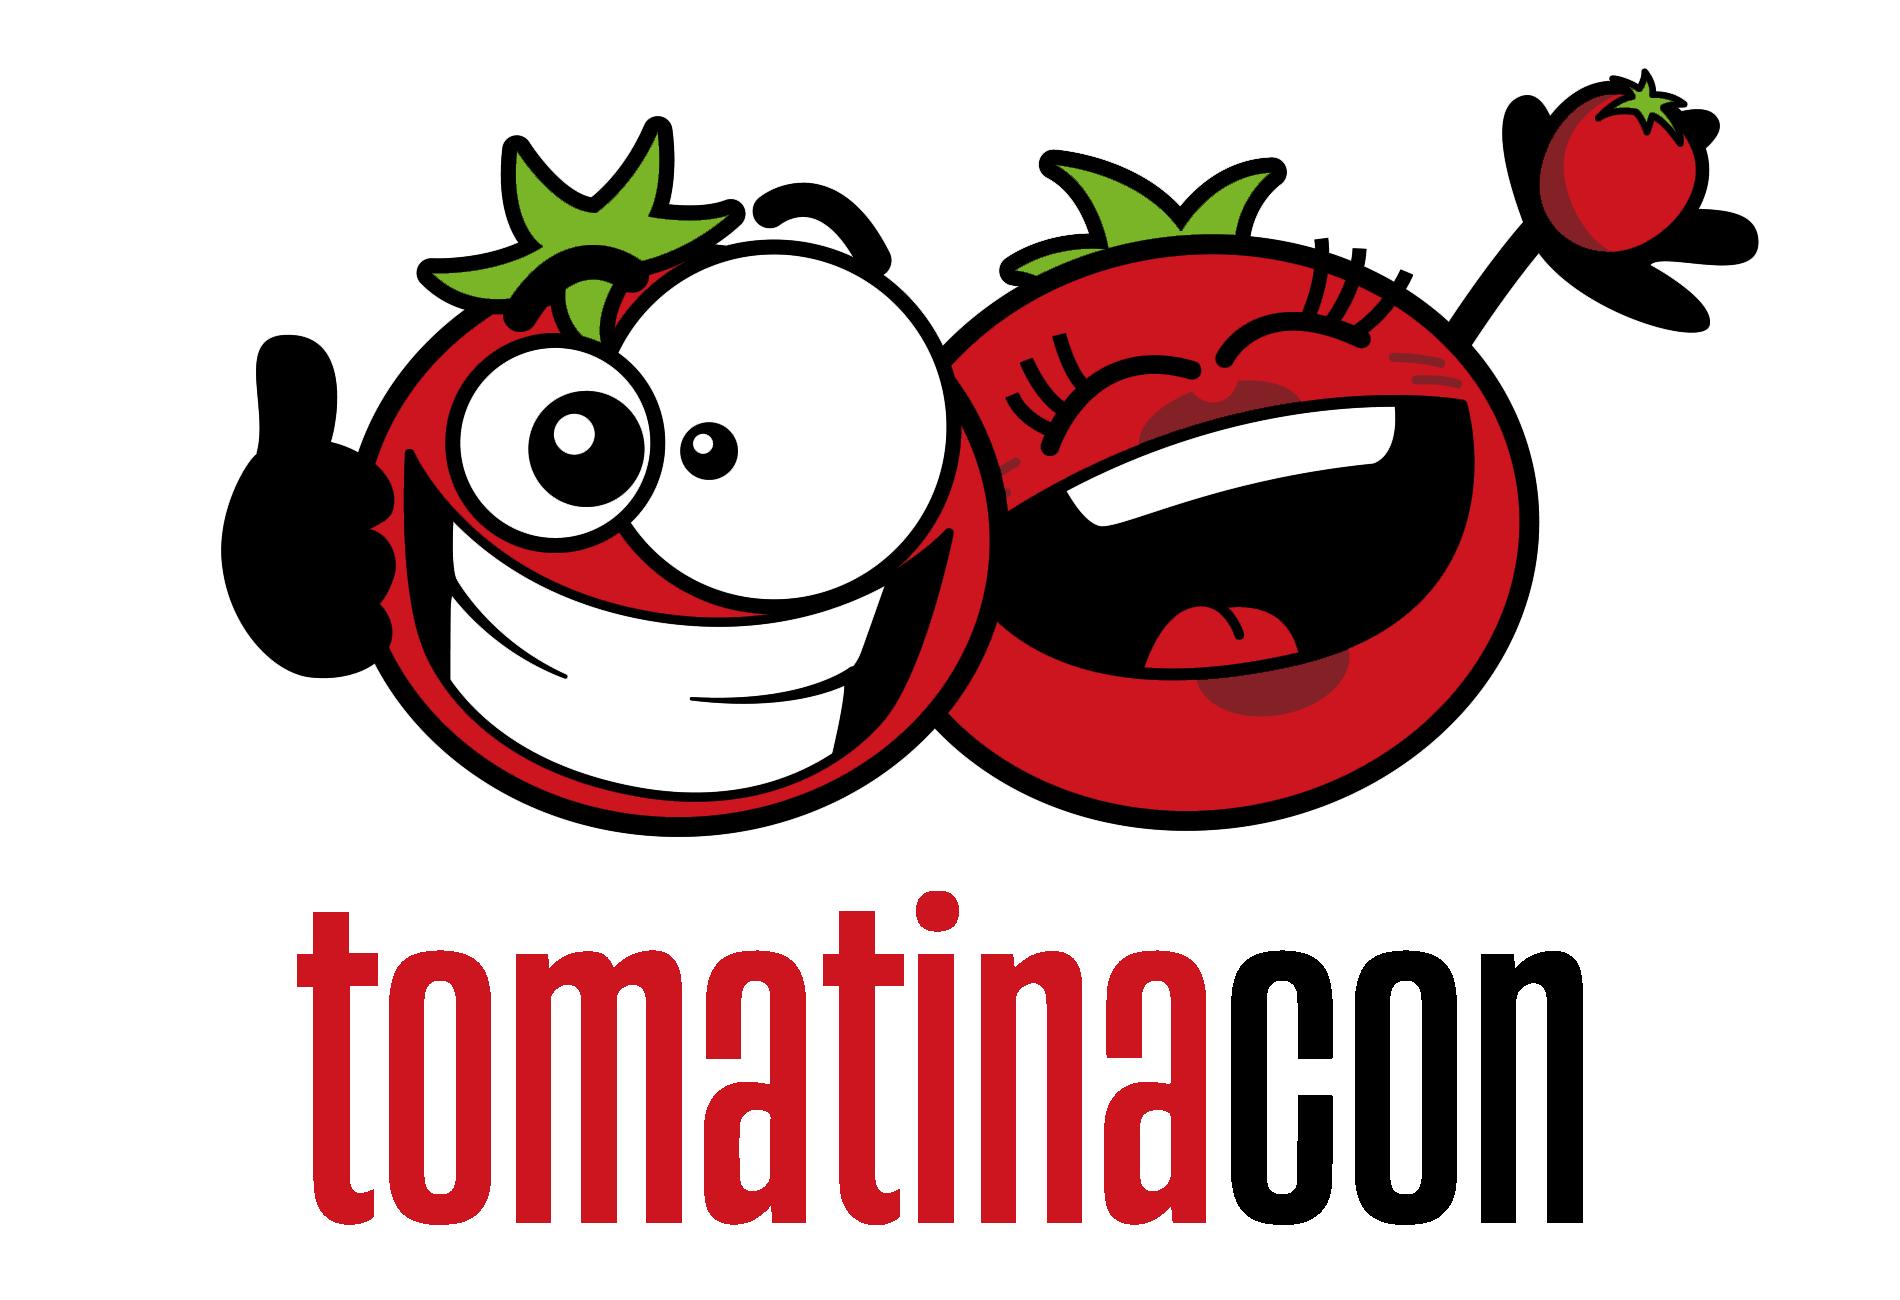 Se realizaran conferencias, talleres prácticos (TomatinaLabs) y charlas (TomatinaTalks) sobre seguridad informática y hacking.Además se realizará un CTF (TomatinaCTF), pruebas en las que se podrá demostrar y poner en práctica los conocimientos de los participantes.